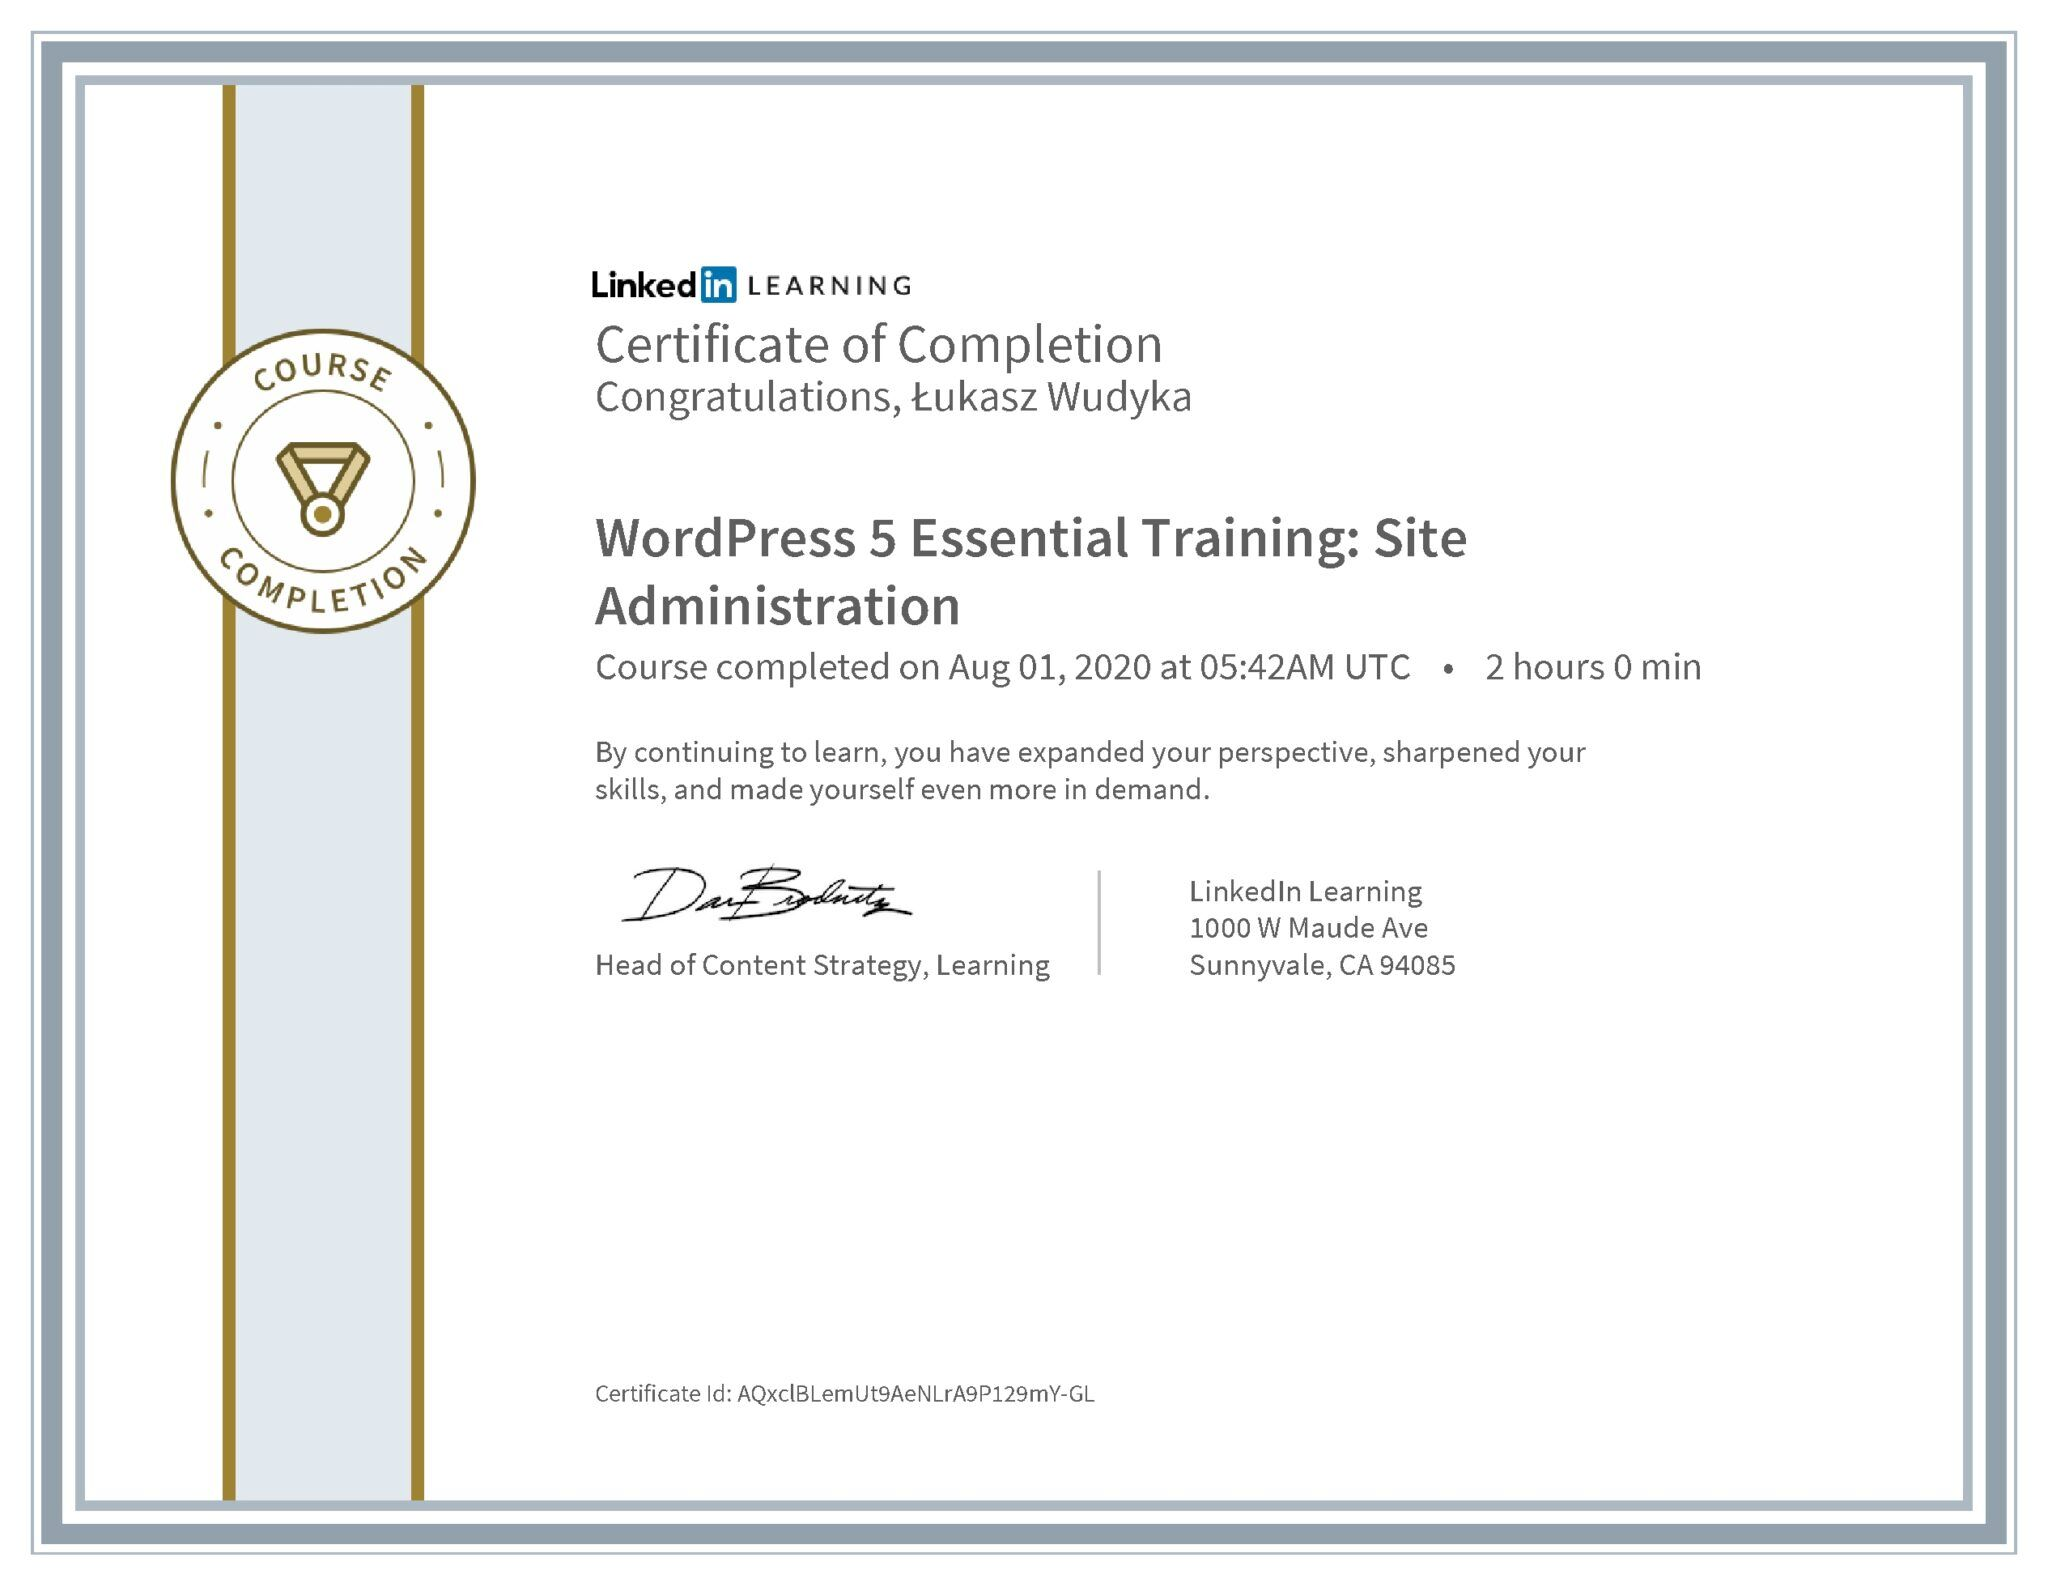 Łukasz Wudyka certyfikat LinkedIn WordPress 5 Essential Training: Site Administration